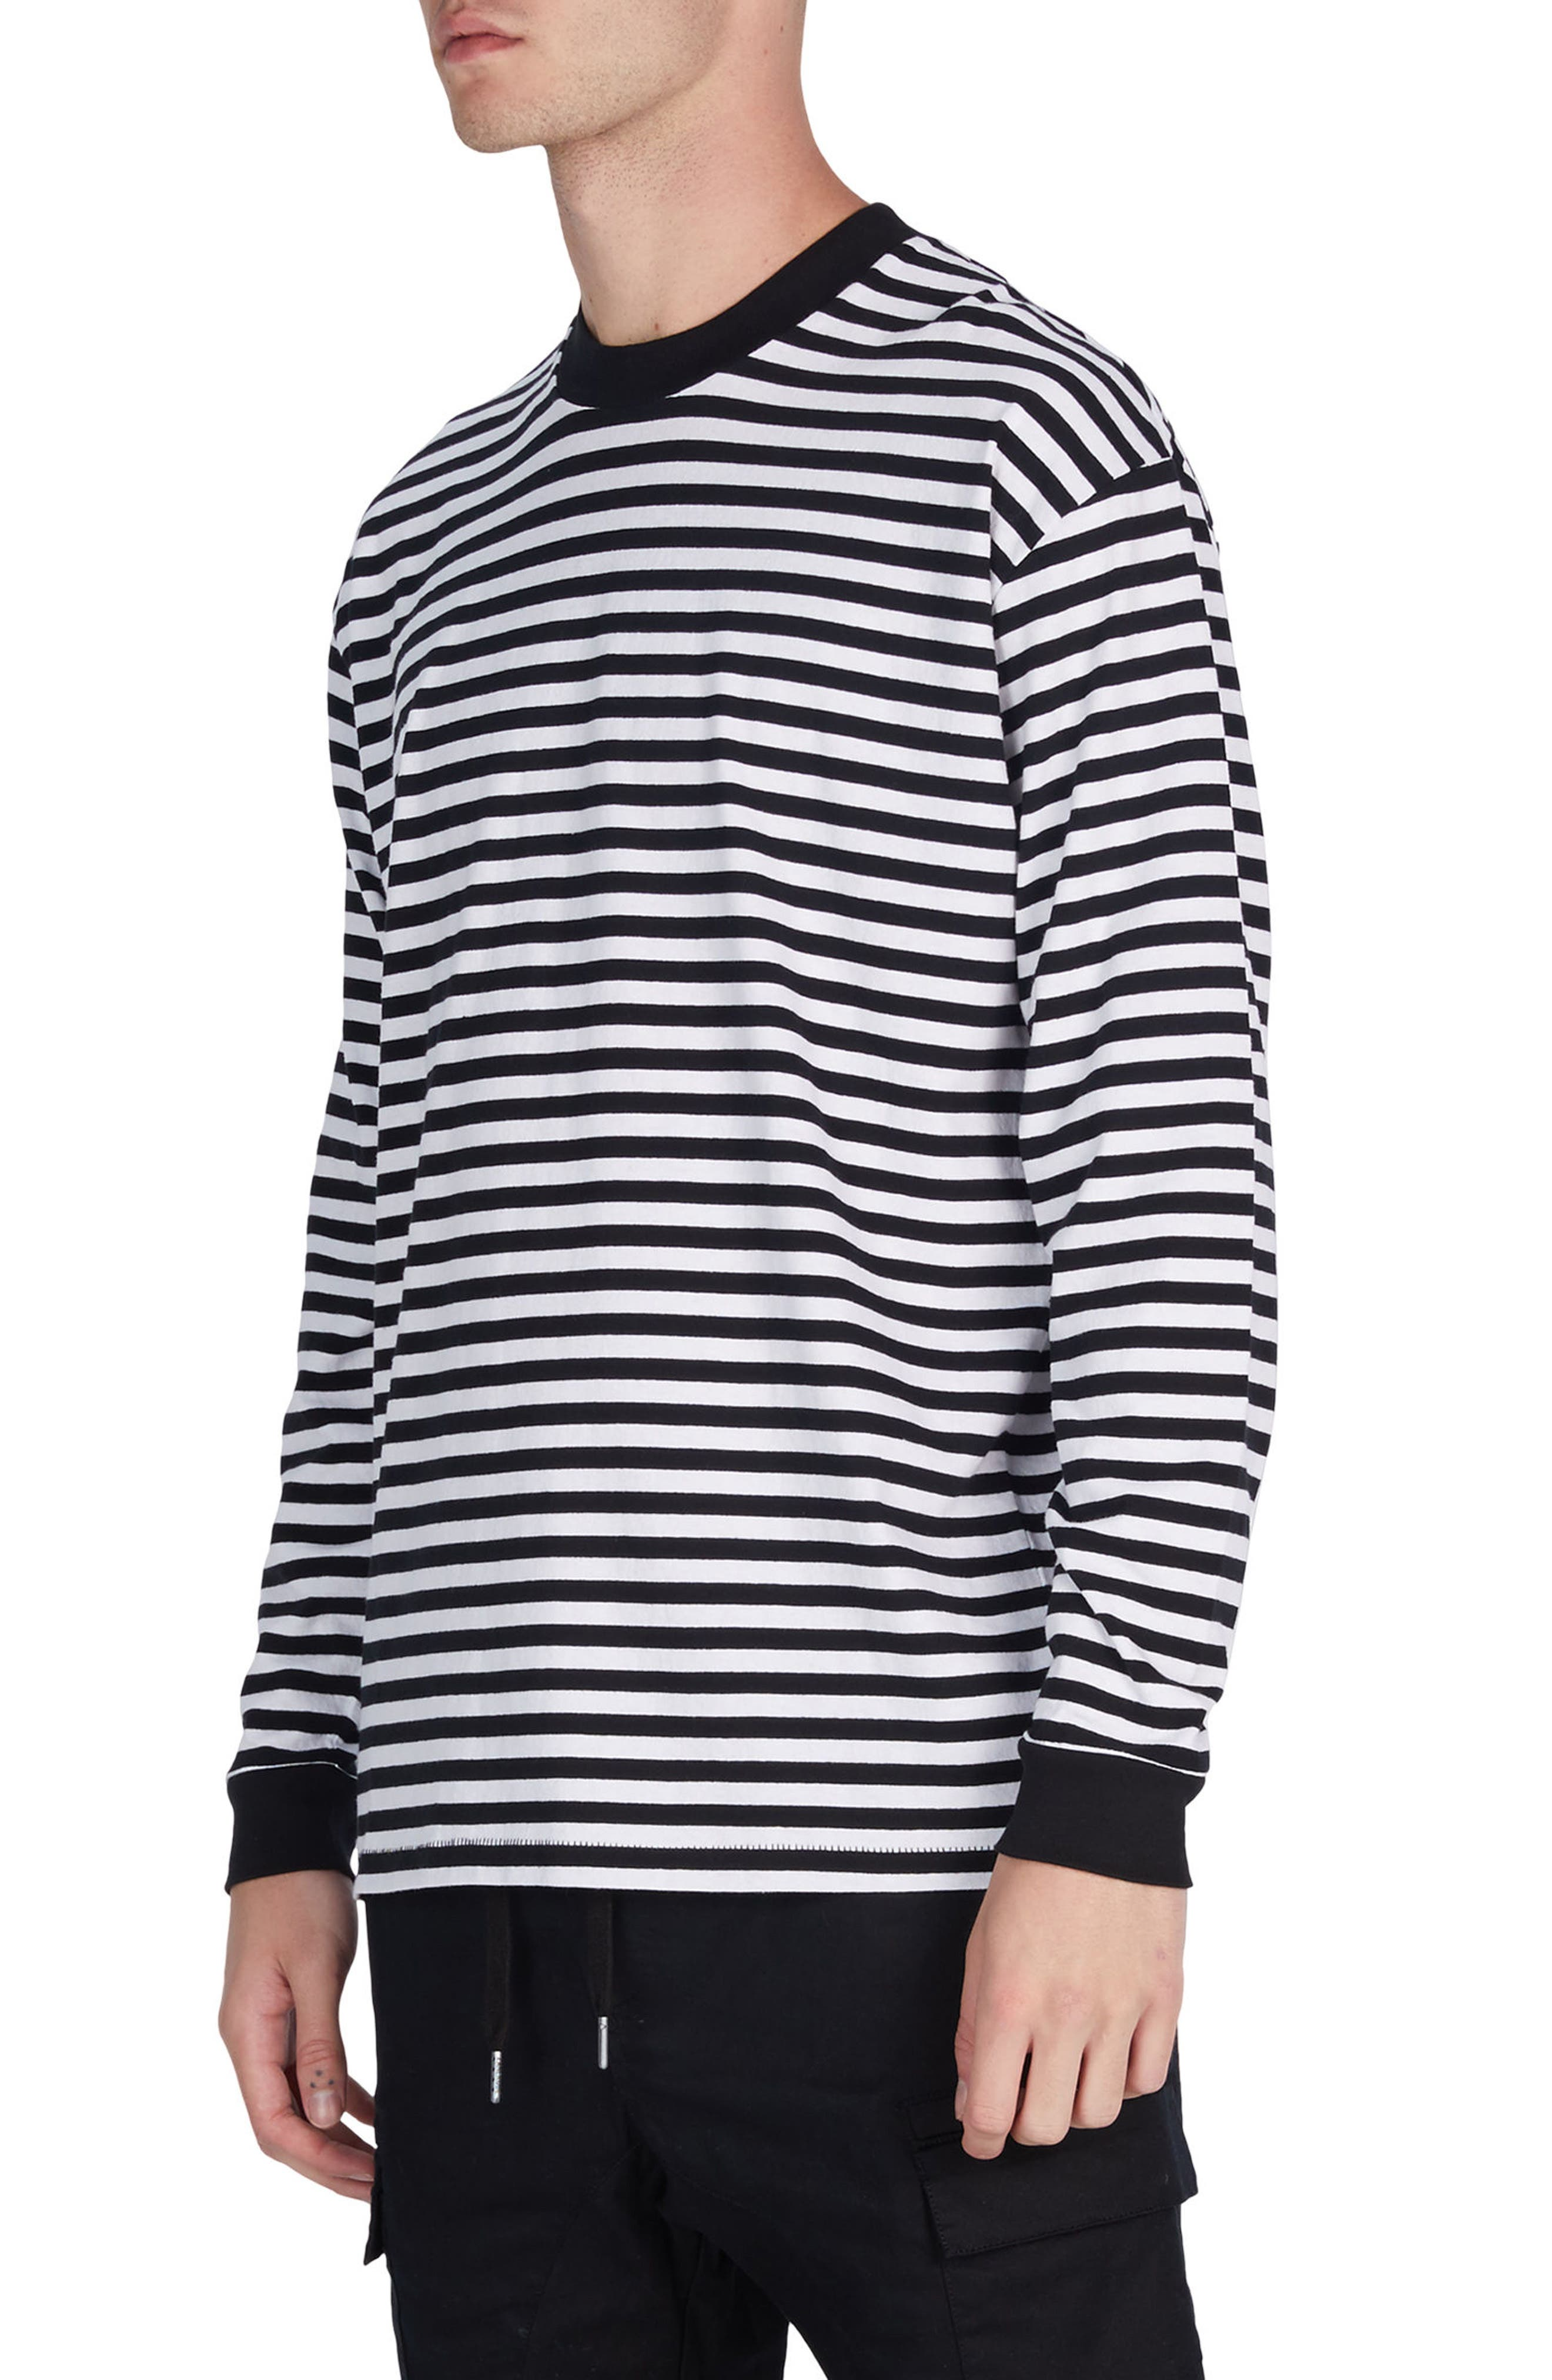 Stripe Box T-Shirt,                             Alternate thumbnail 4, color,                             Black/ White